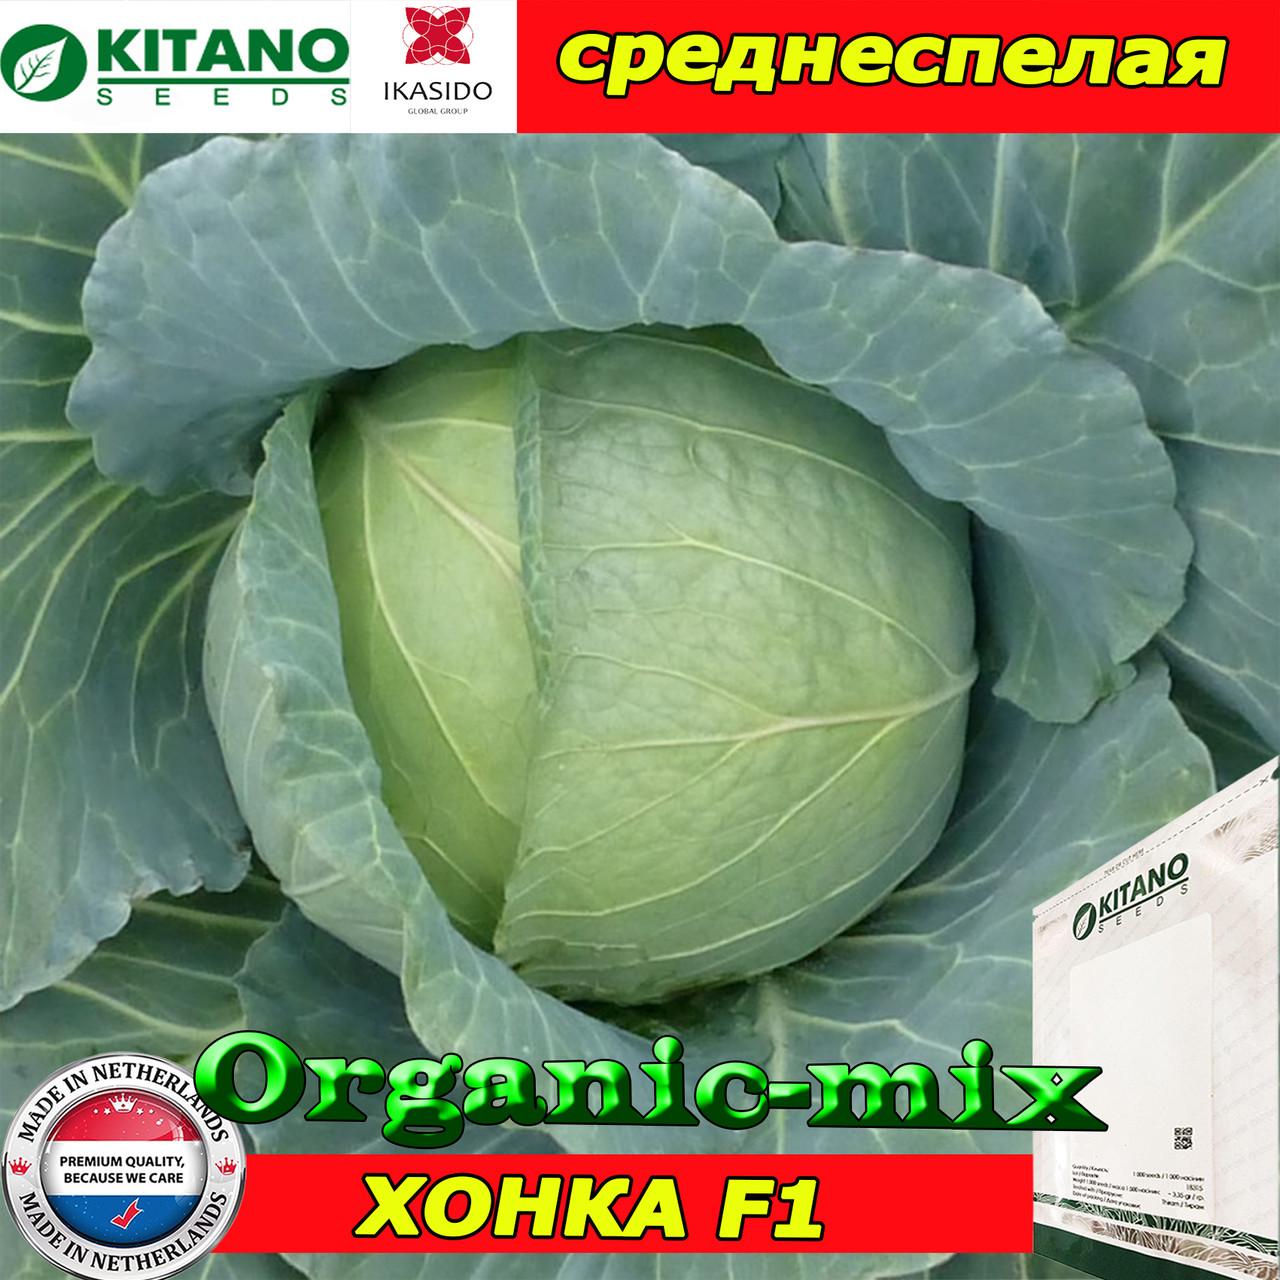 Капуста среднеспелая ХОНКА F1 (KITANO SEEDS, Нидерланды), проф.пакет 2500 семян